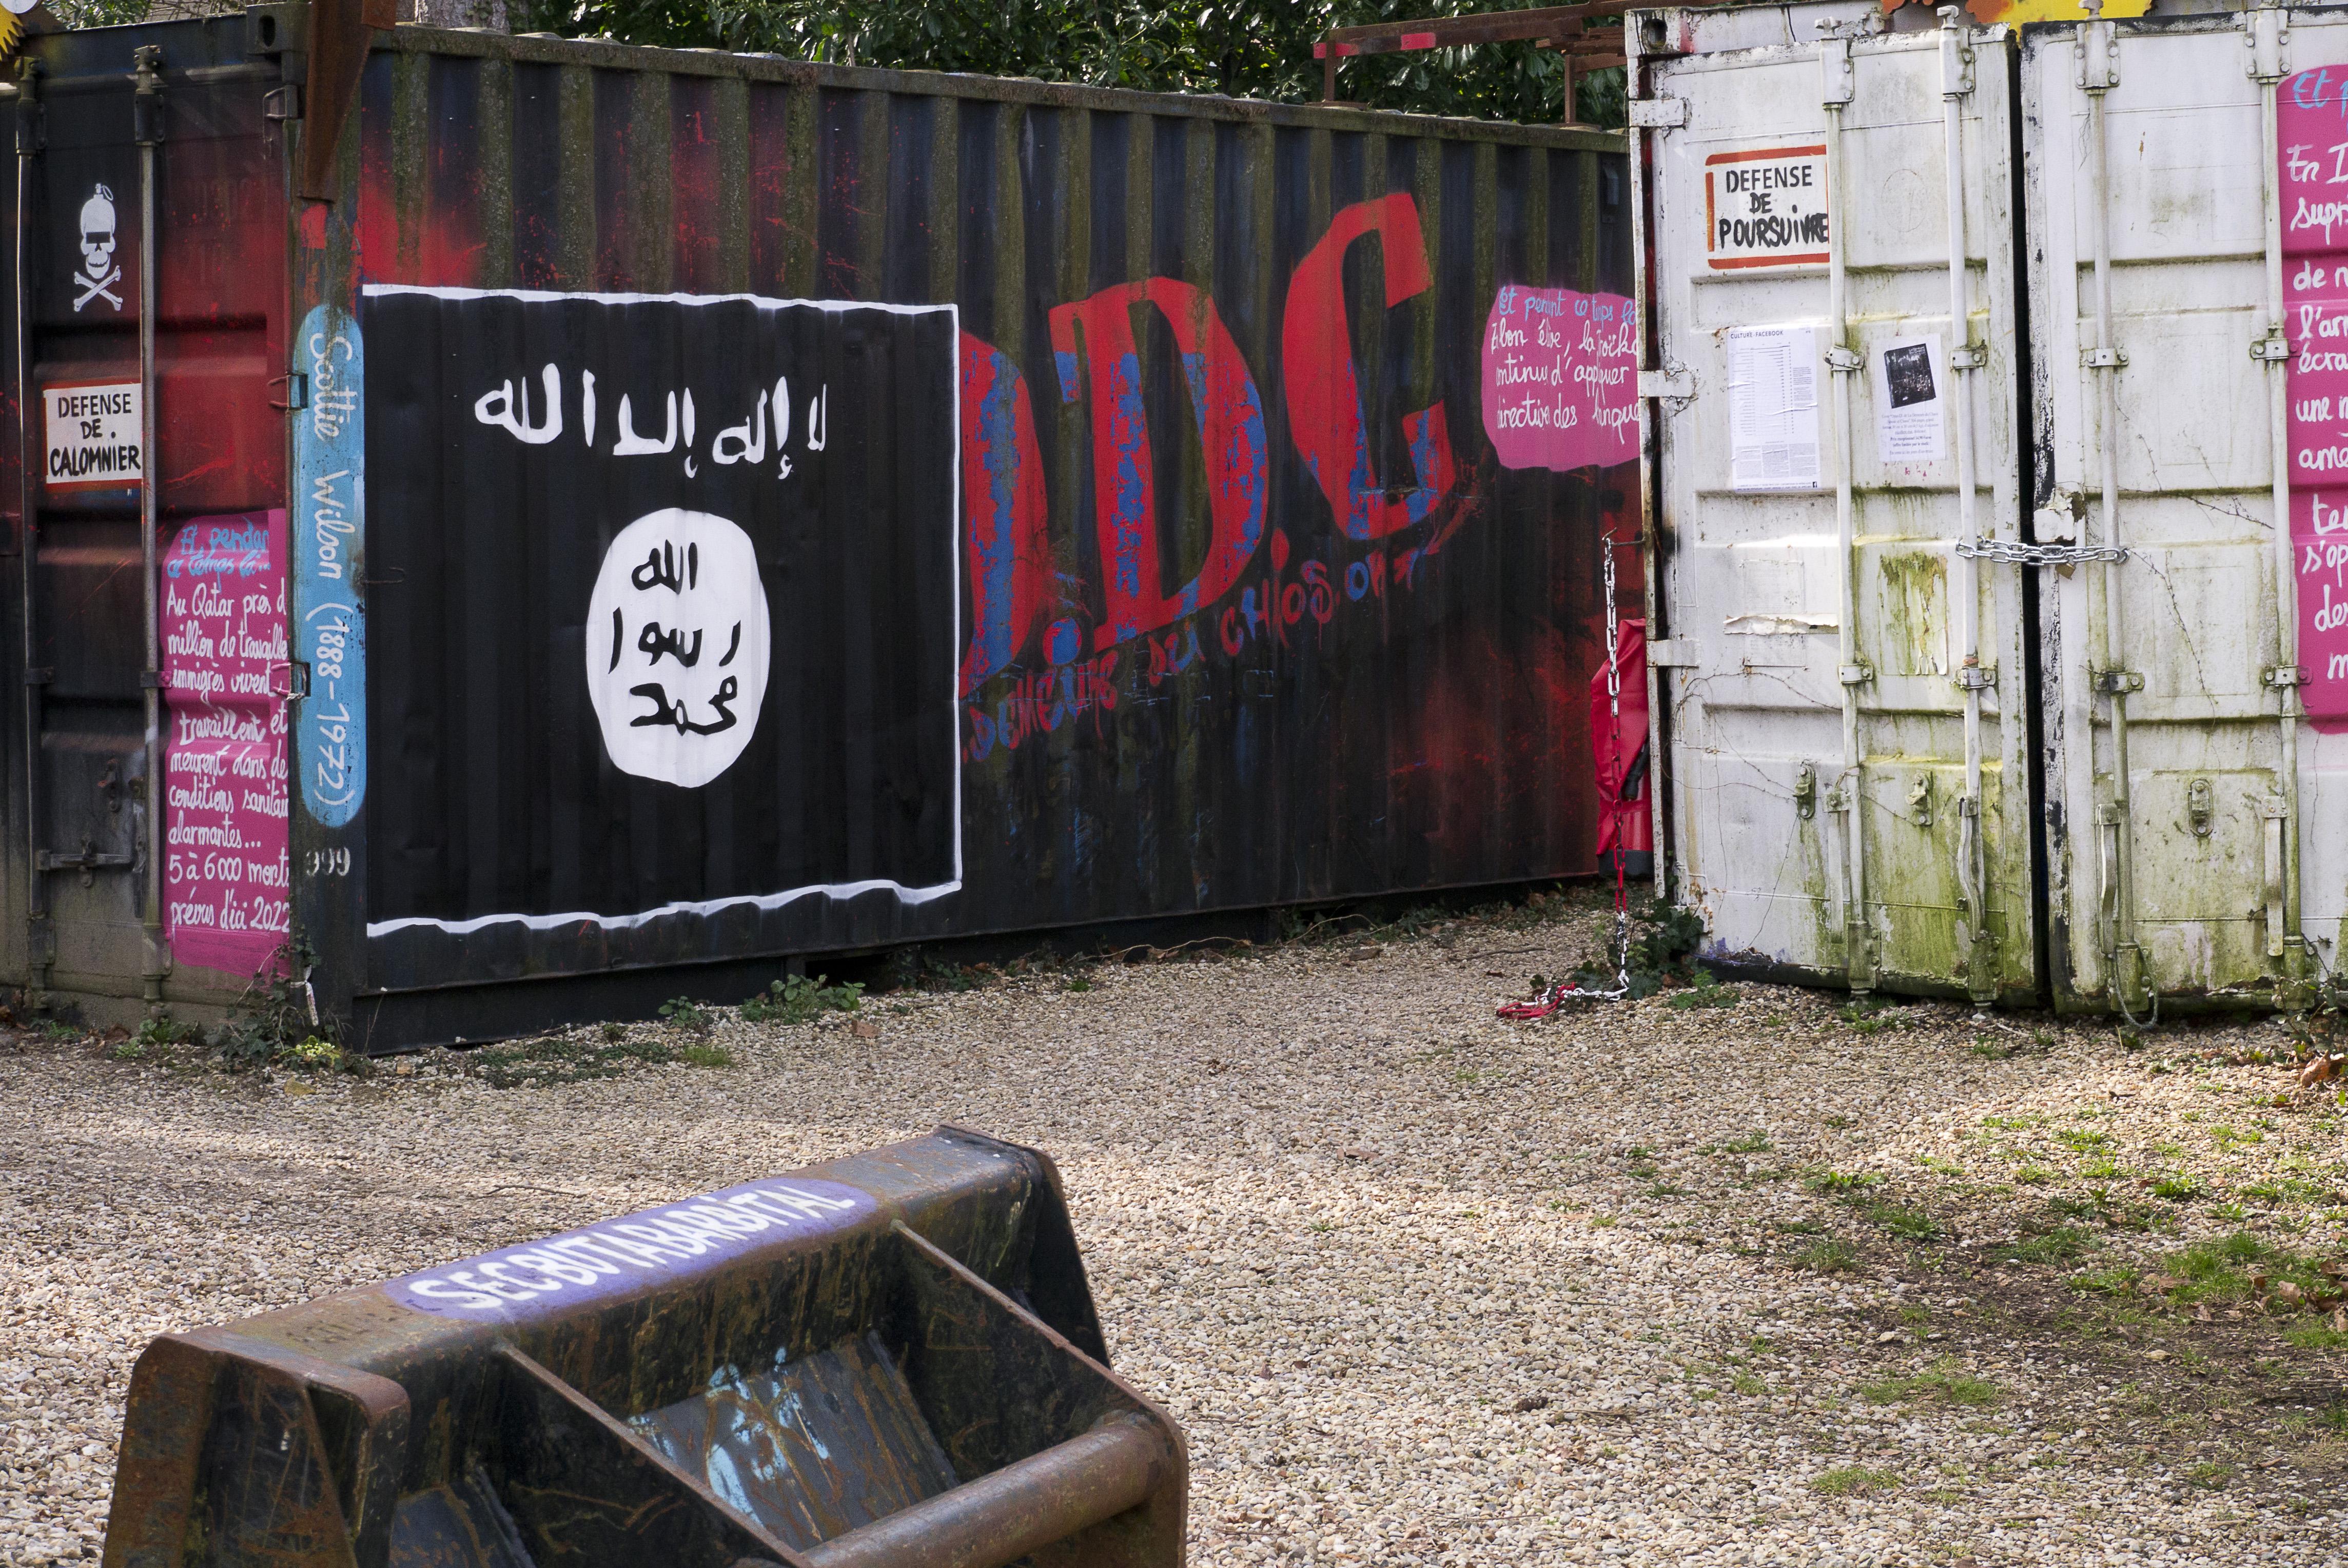 La bandiera dello Stato islamico in un container in Francia/ Wikipedia